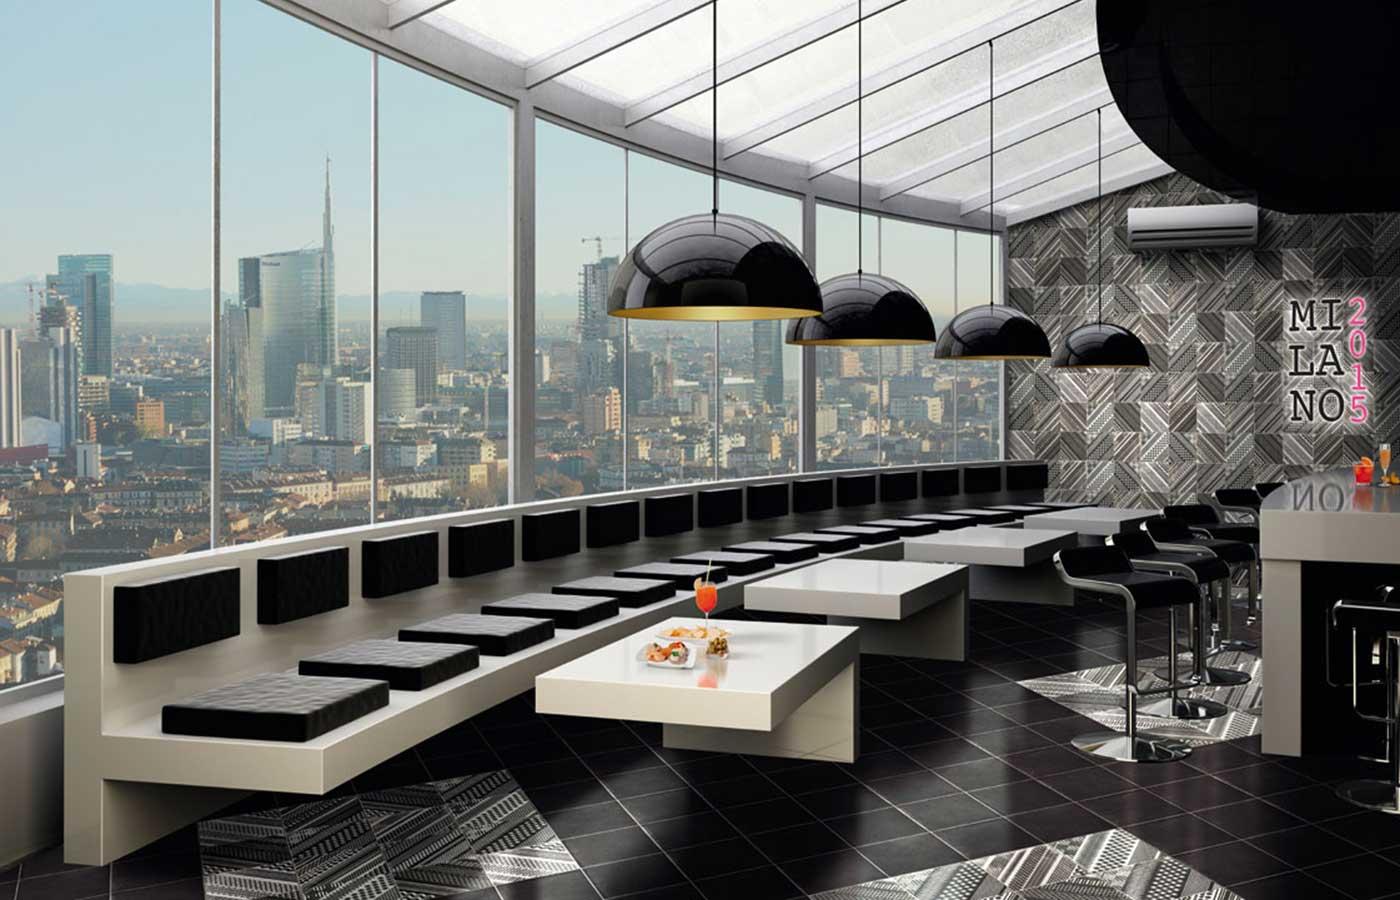 Milano2015: Progetto Nero, Zona San Babila, Zona Brera 20x20